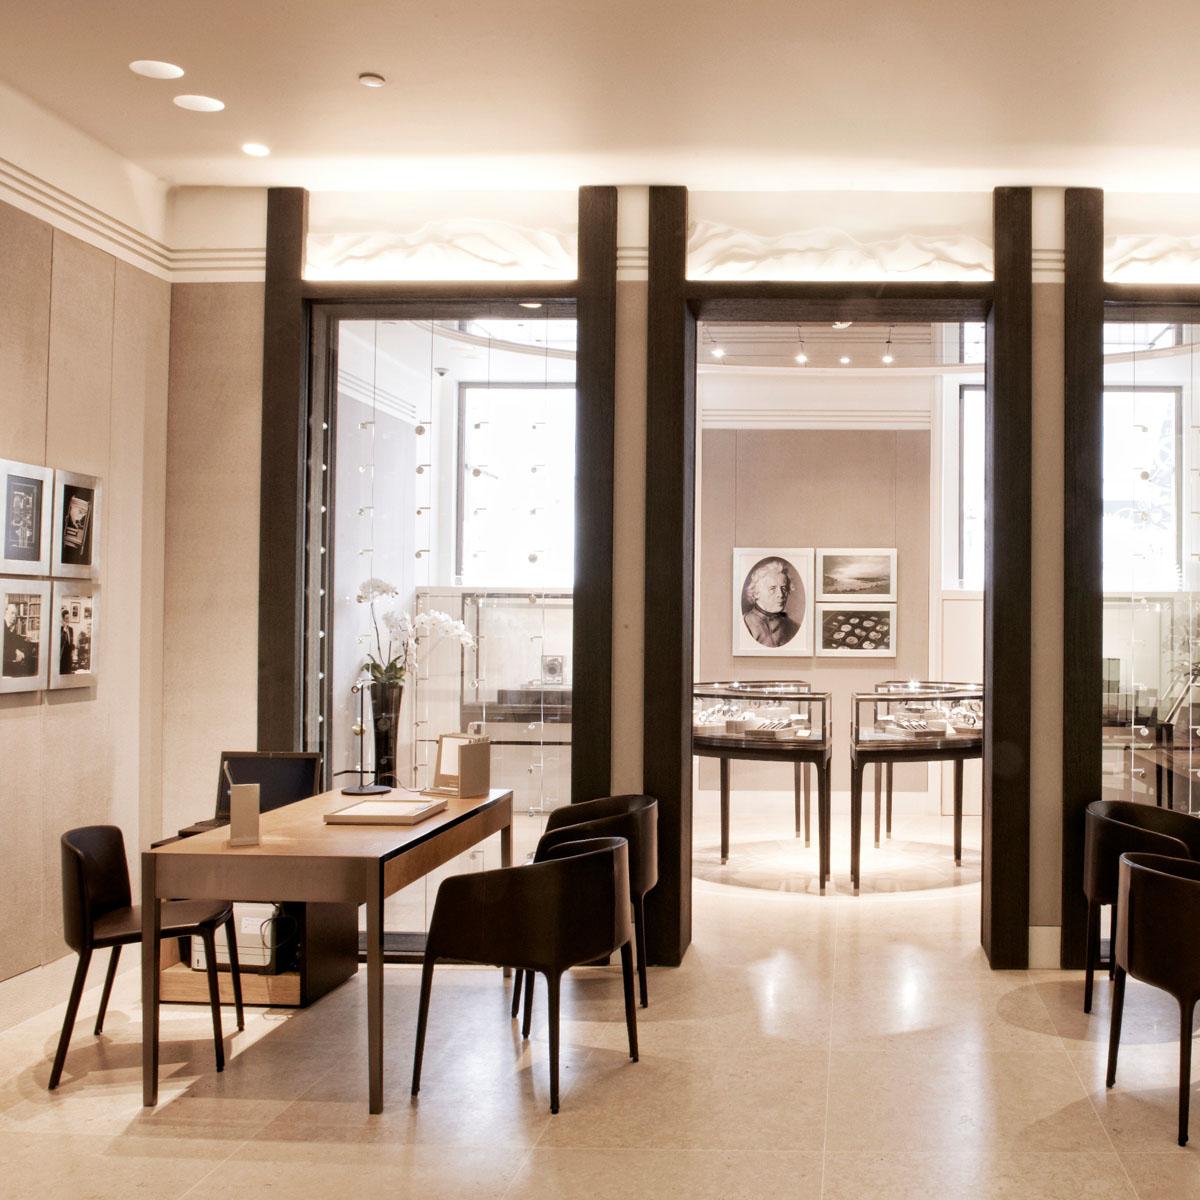 La Cote des Montres : Photo - Jaeger-LeCoultre dévoile sa nouvelle boutique de la place Vendôme